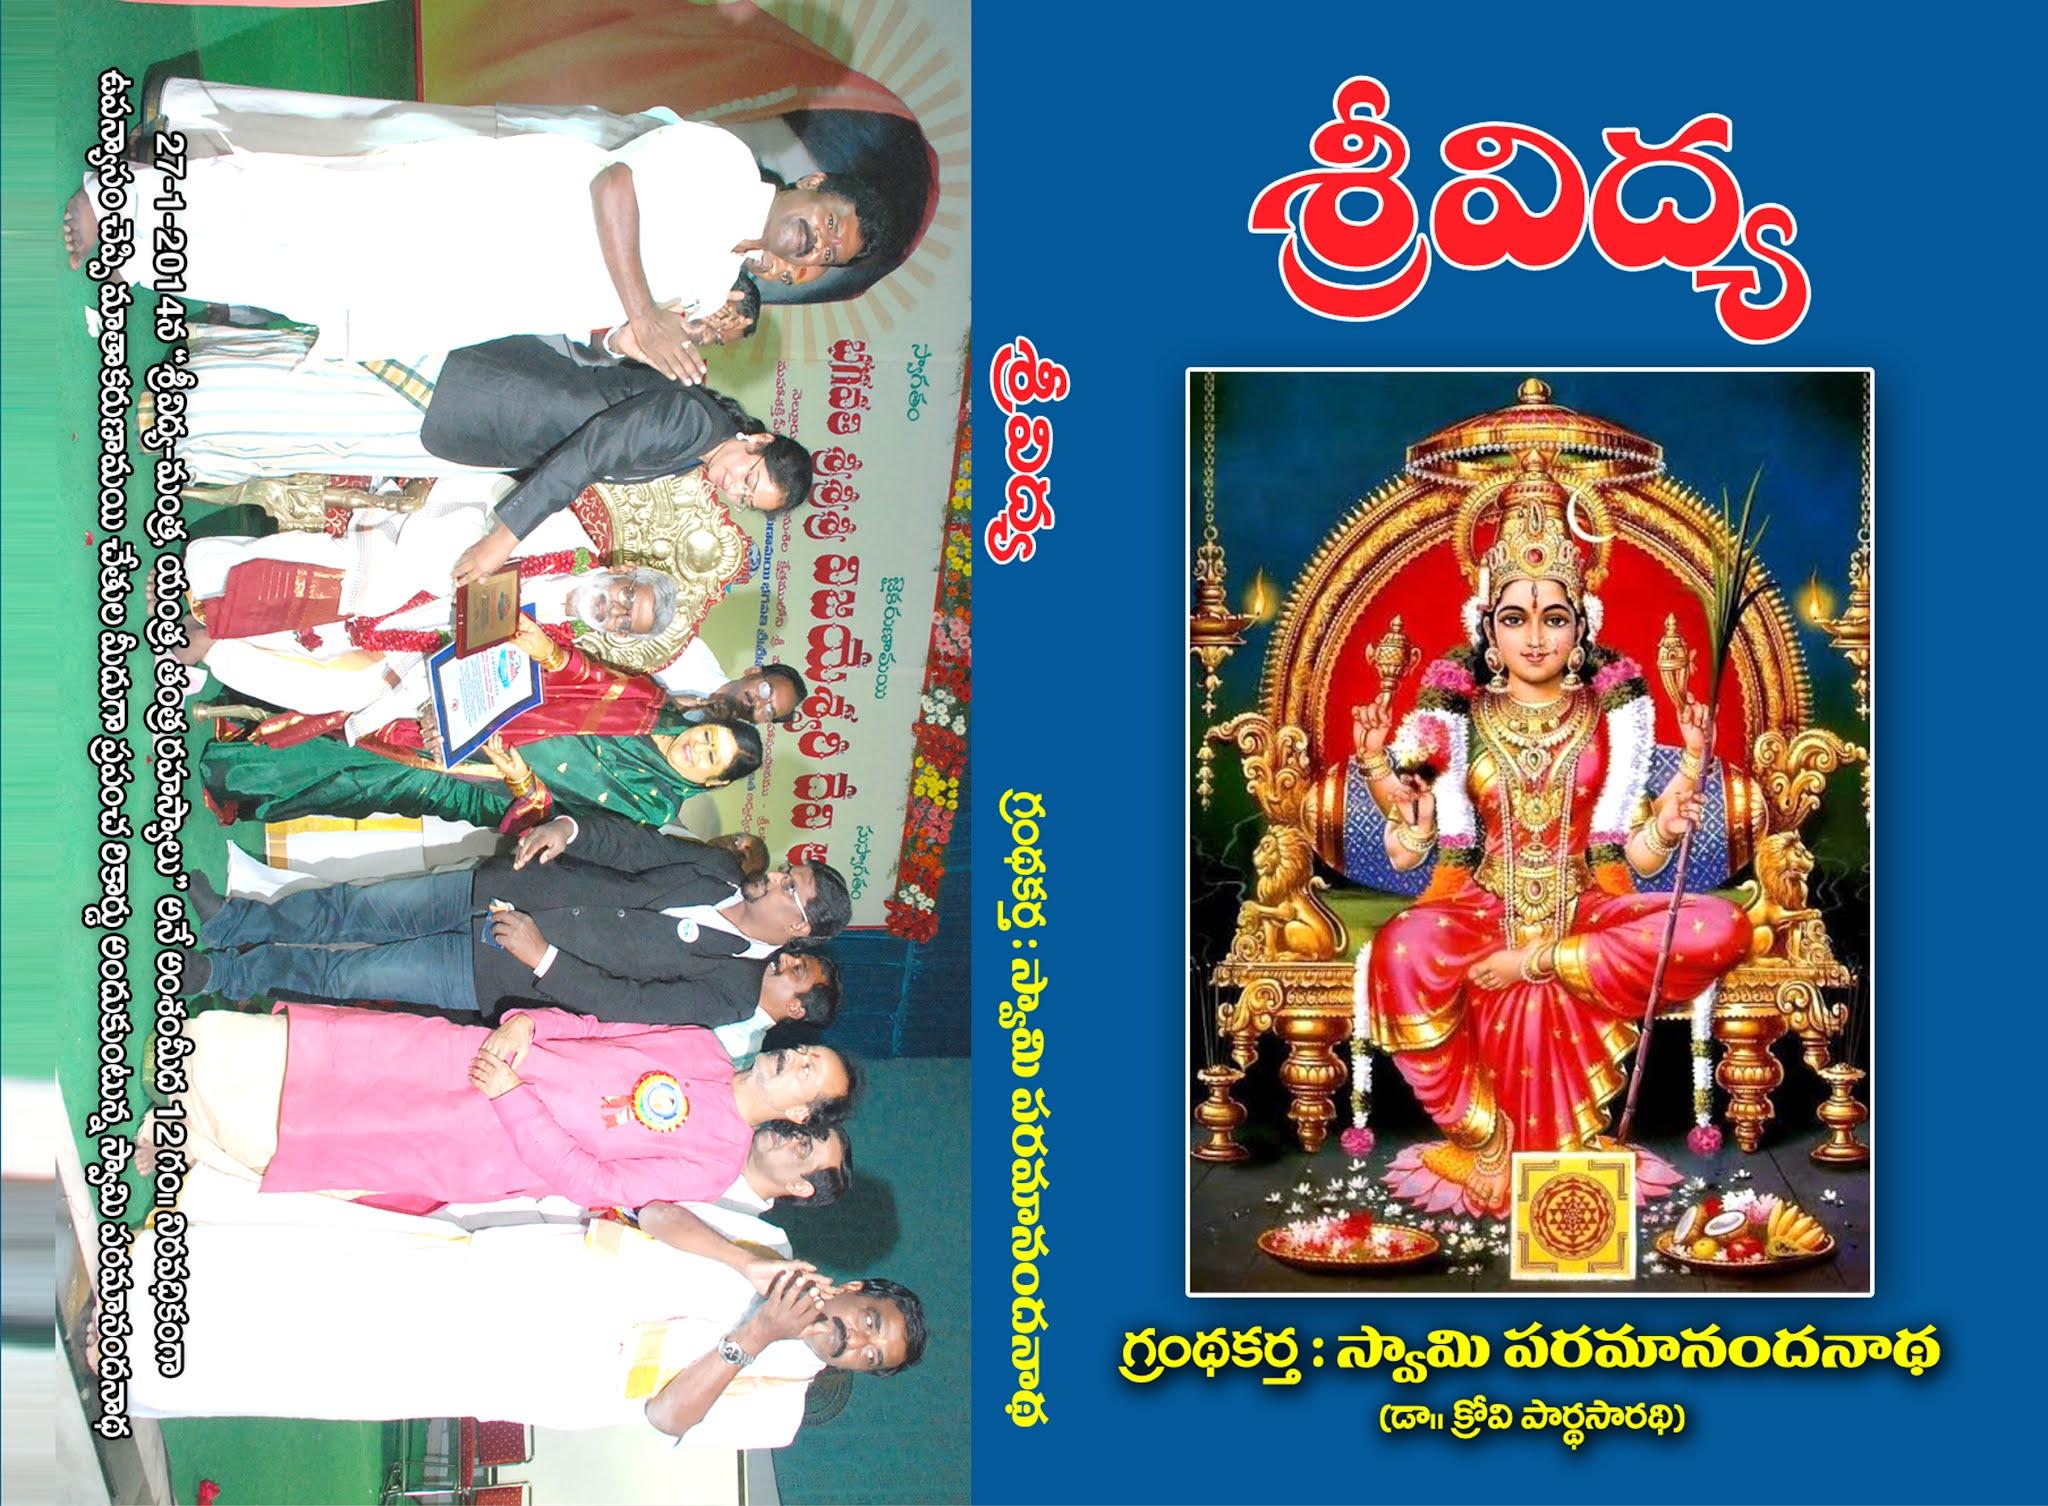 sri vidya | Swamy Paramananda Nadha  Dr. Krovi Parthasarathi శ్రీవిద్య